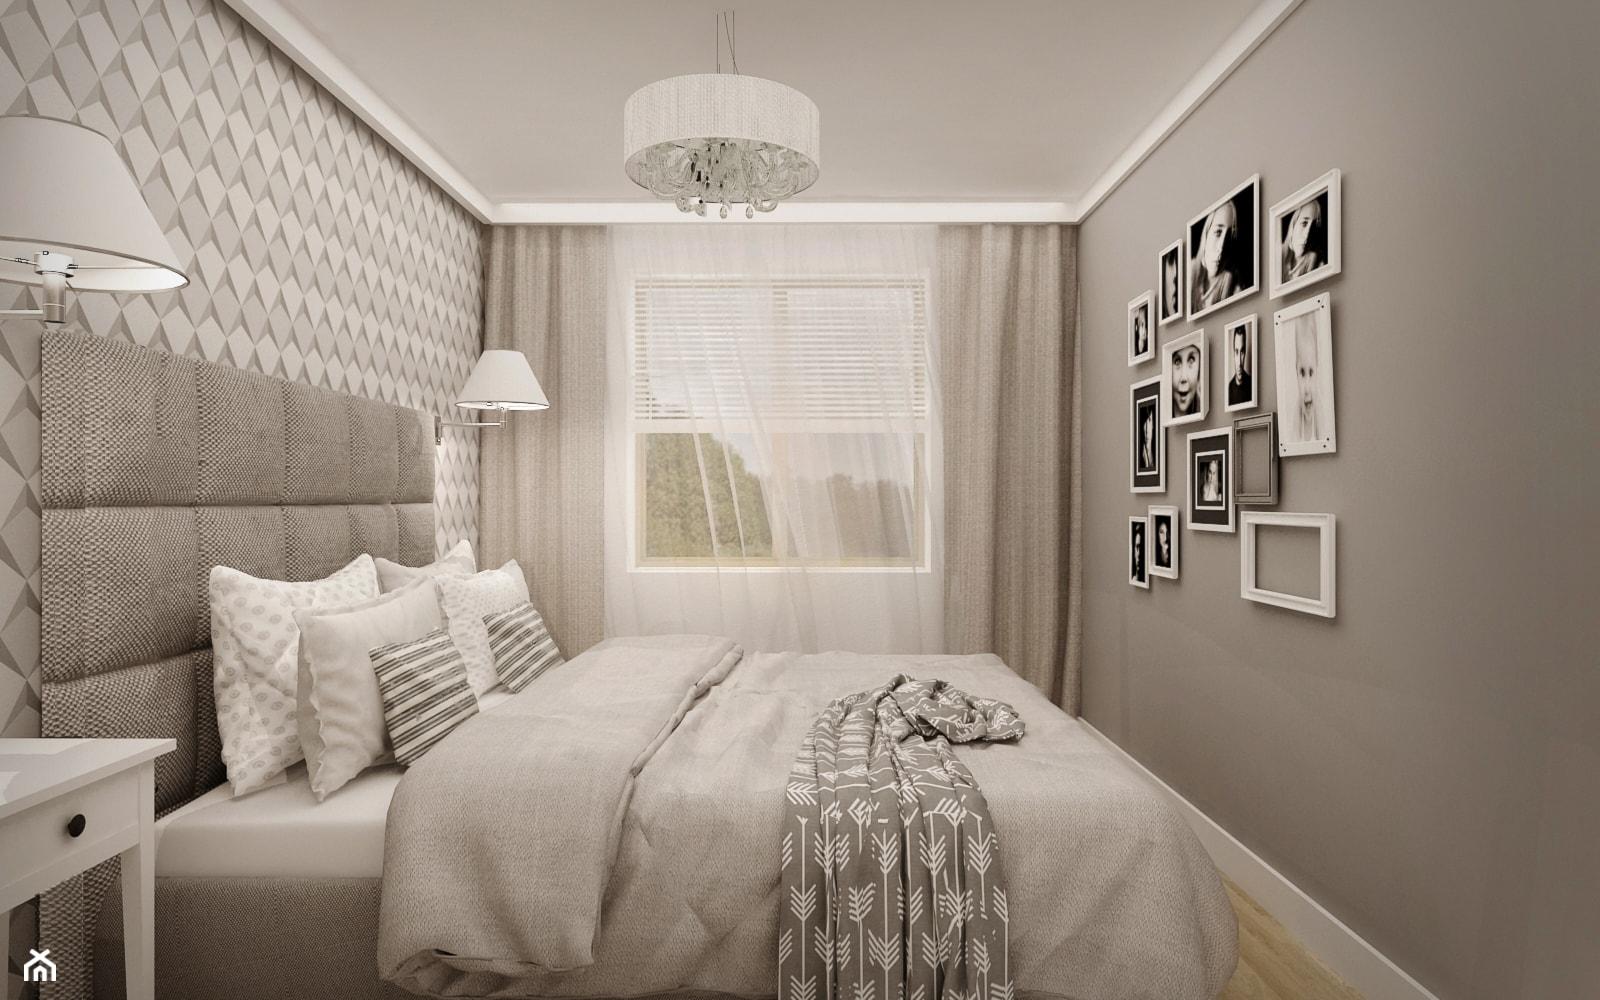 MIESZKANIE W ŁOMIANKACH - Mała szara sypialnia małżeńska, styl nowoczesny - zdjęcie od MKdesigner - Homebook